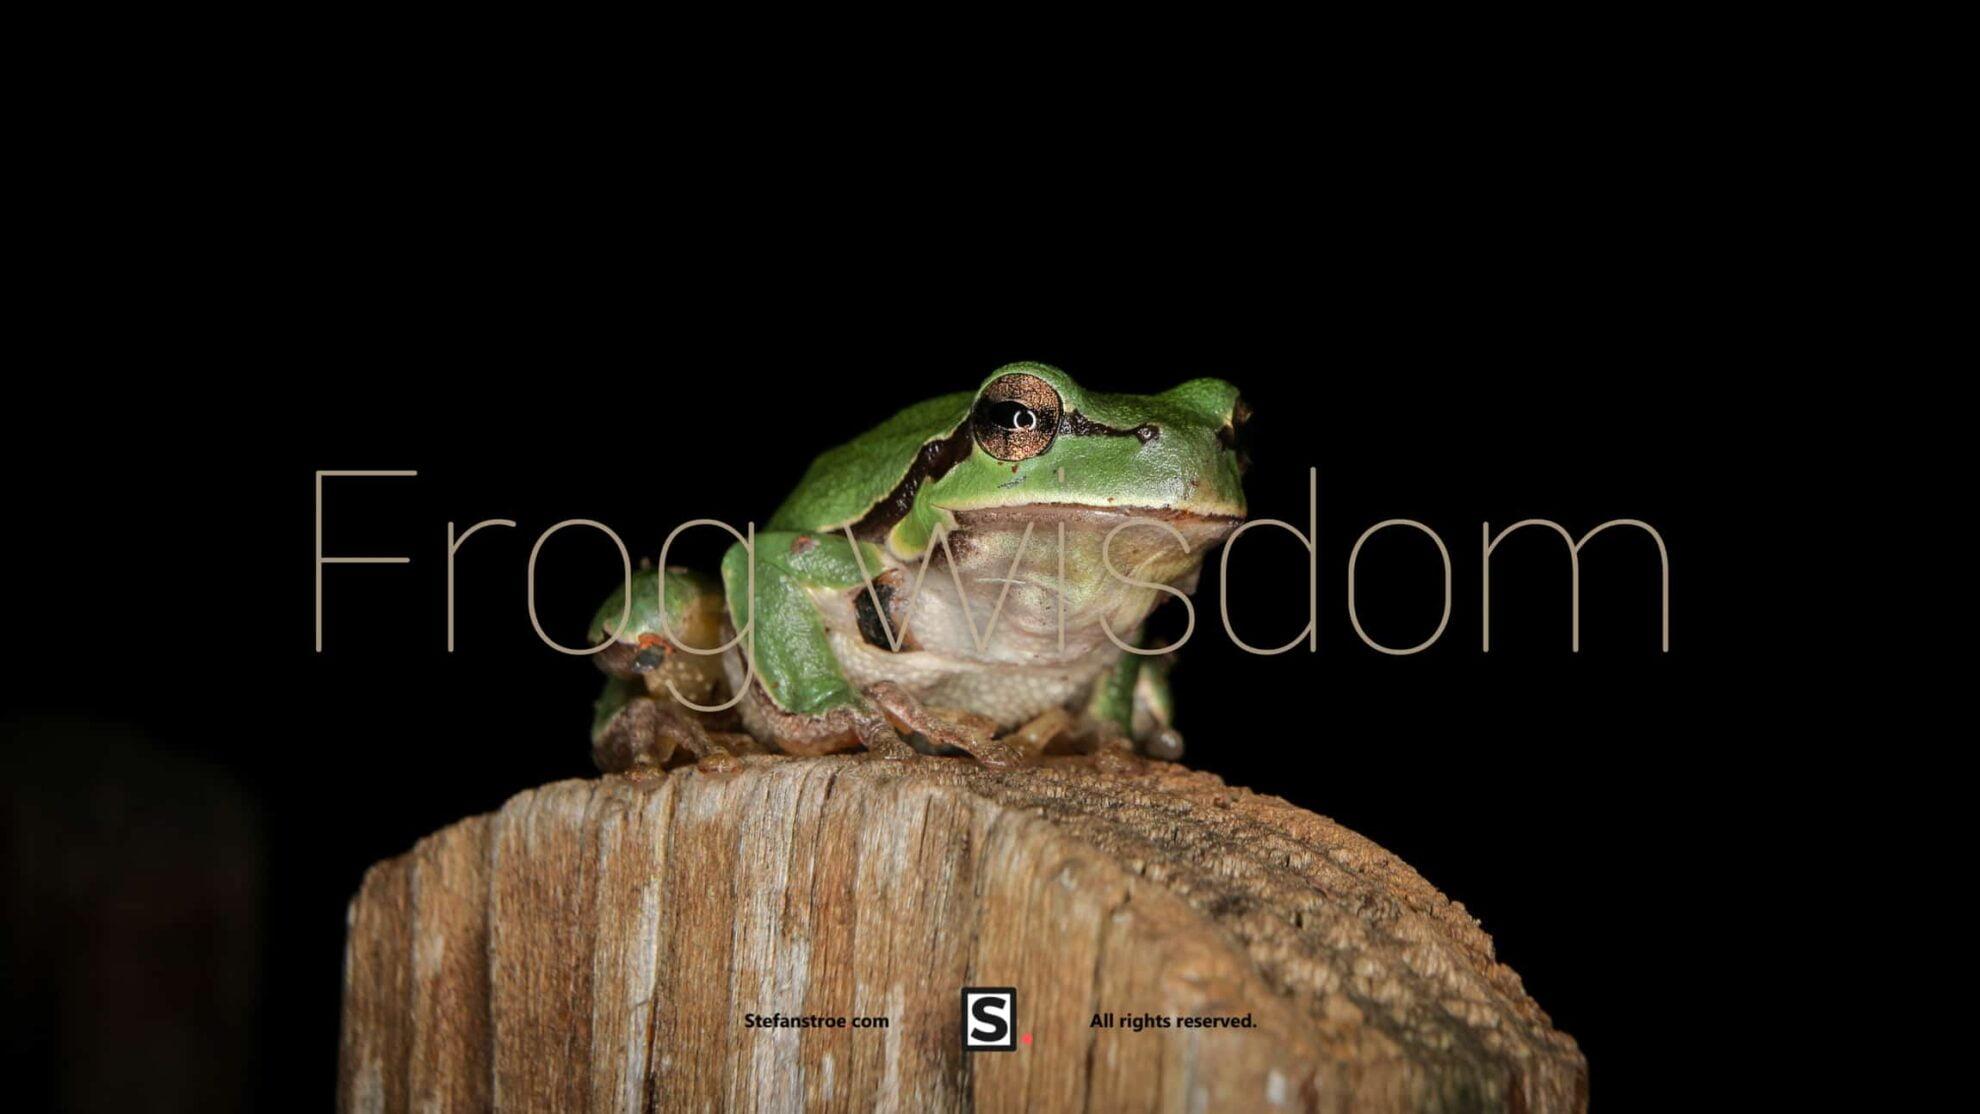 frog-wisdom